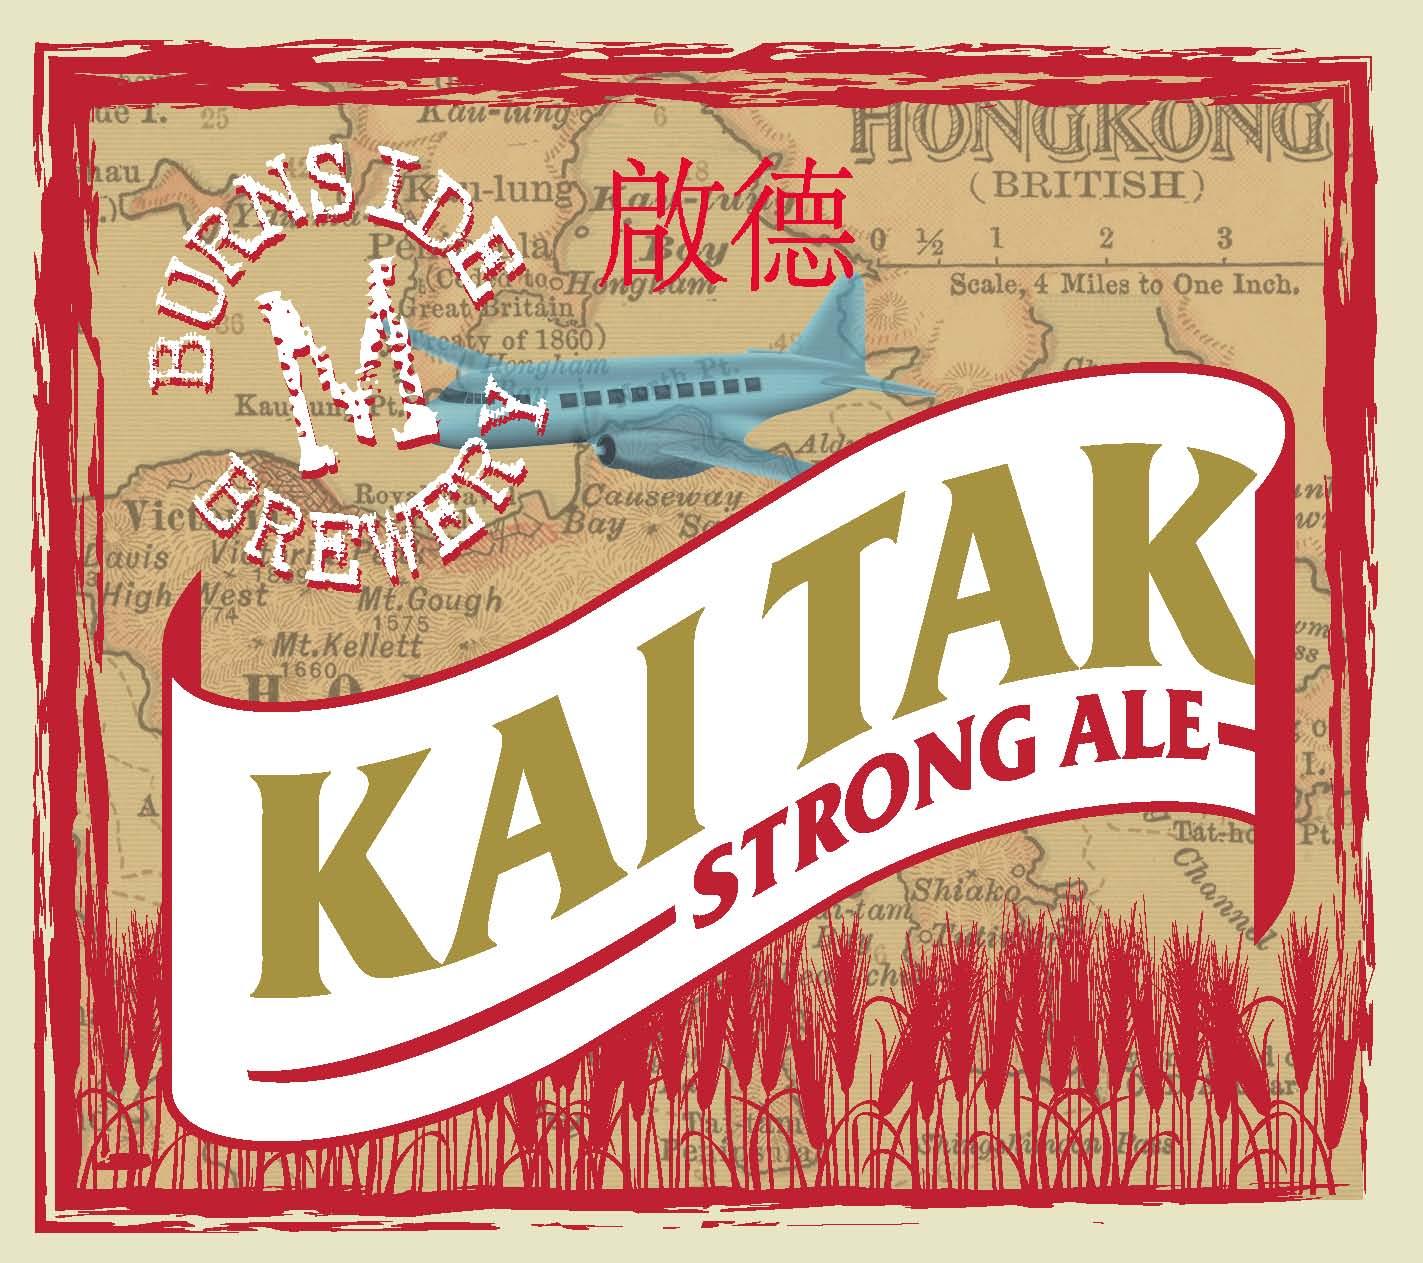 8. Kai Tak Strong Ale